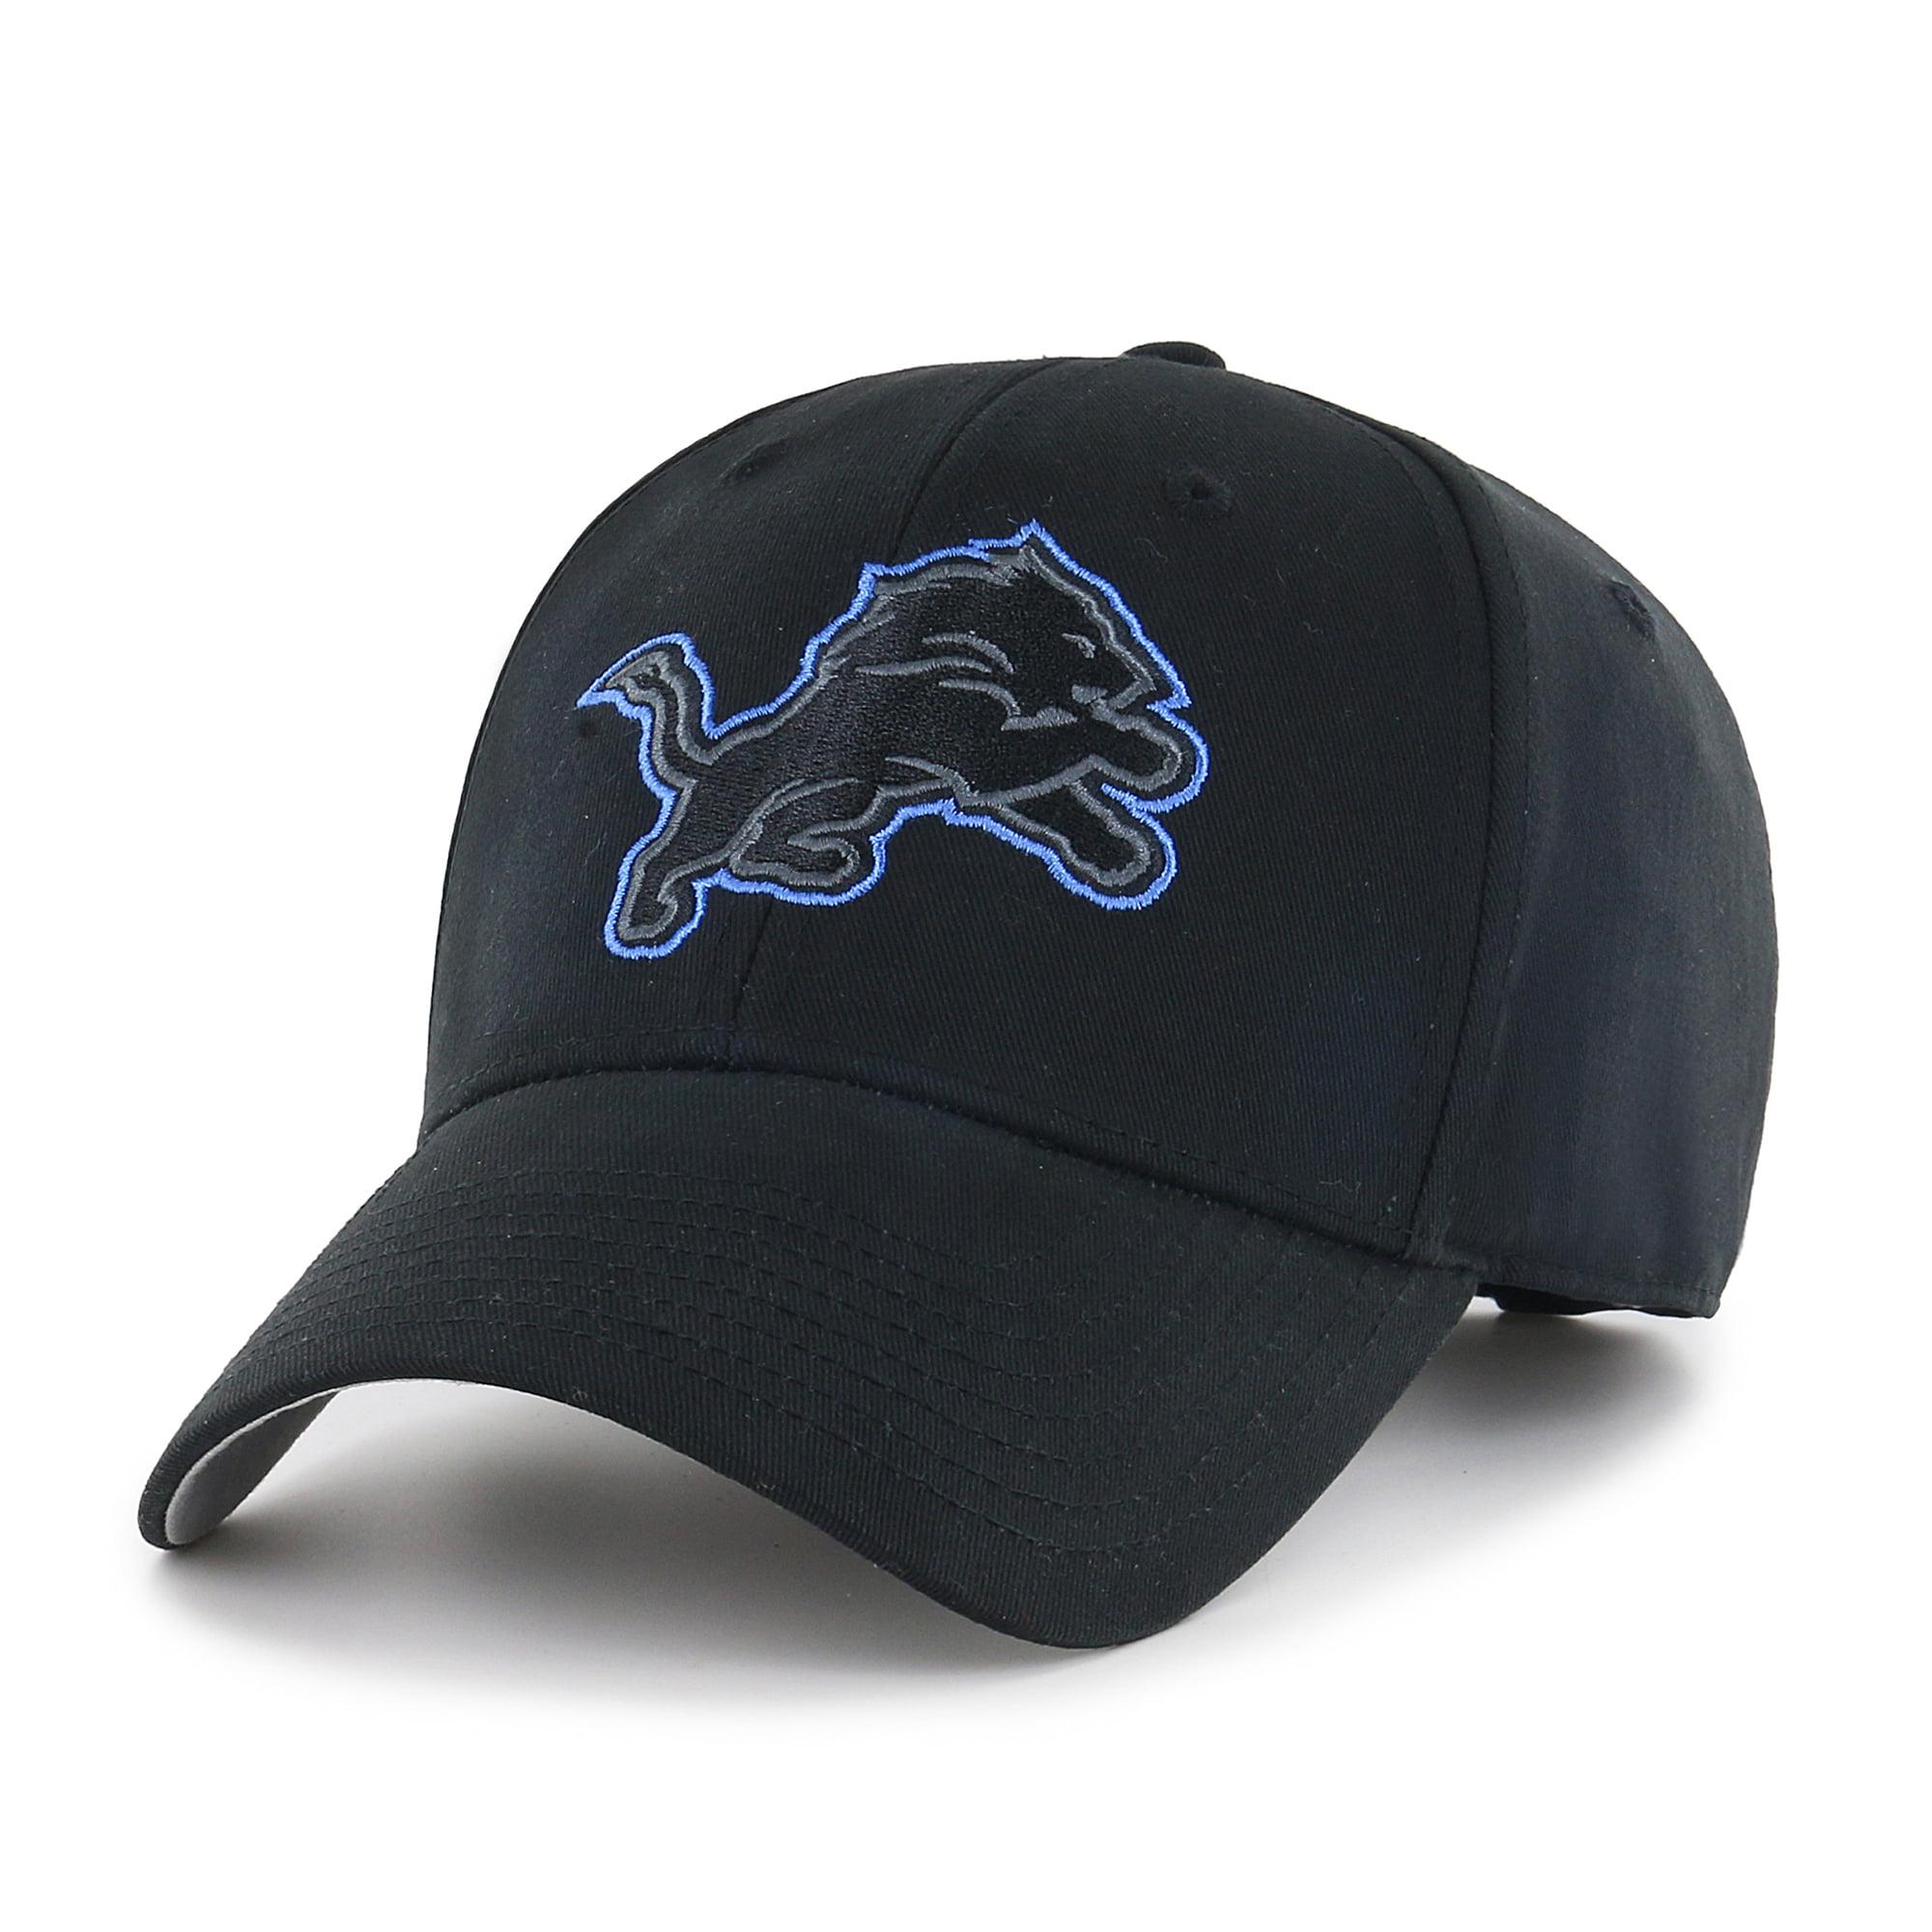 NFL Detroit Lions Black Mass Basic Adjustable Cap/Hat by Fan Favorite